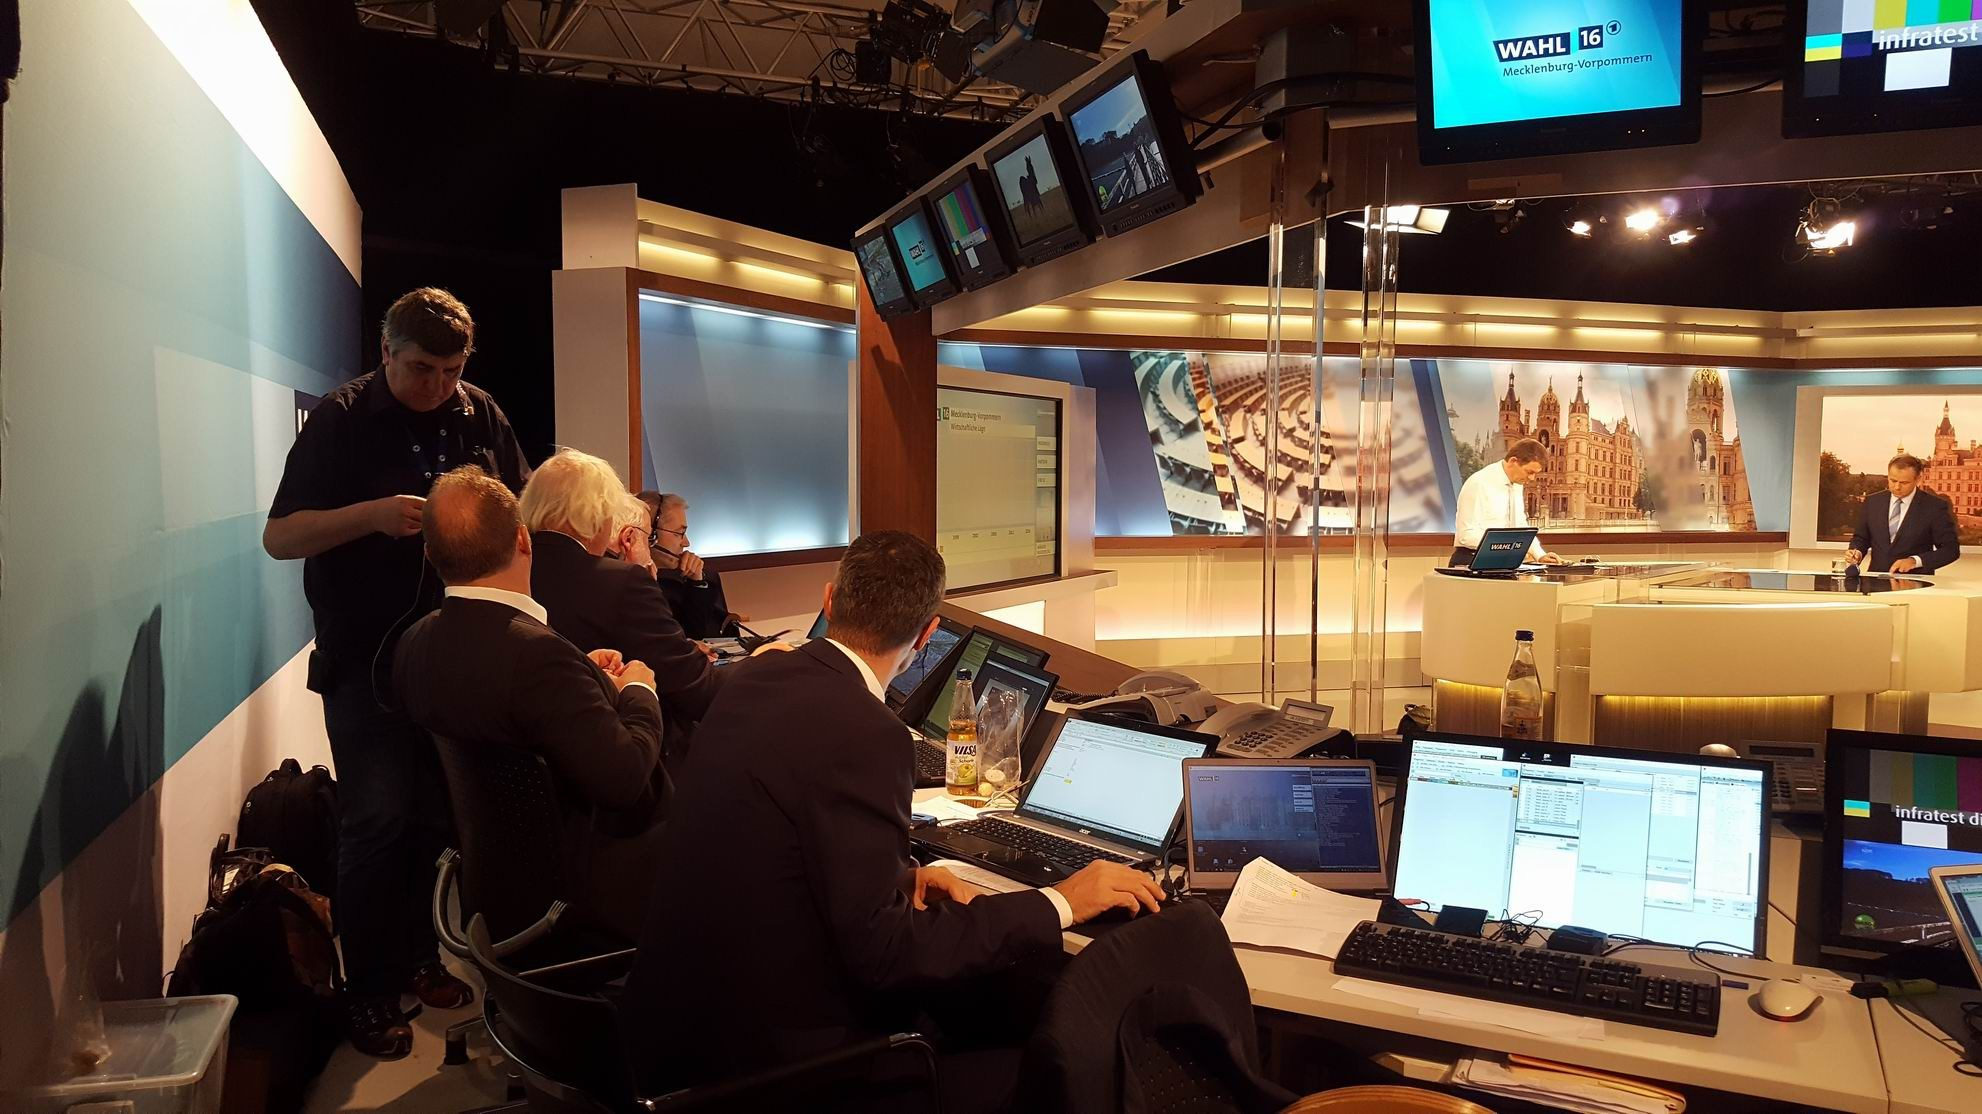 ARD-Wahlstudio zur Landtagswahl in Mecklenburg-Vorpommern 2016